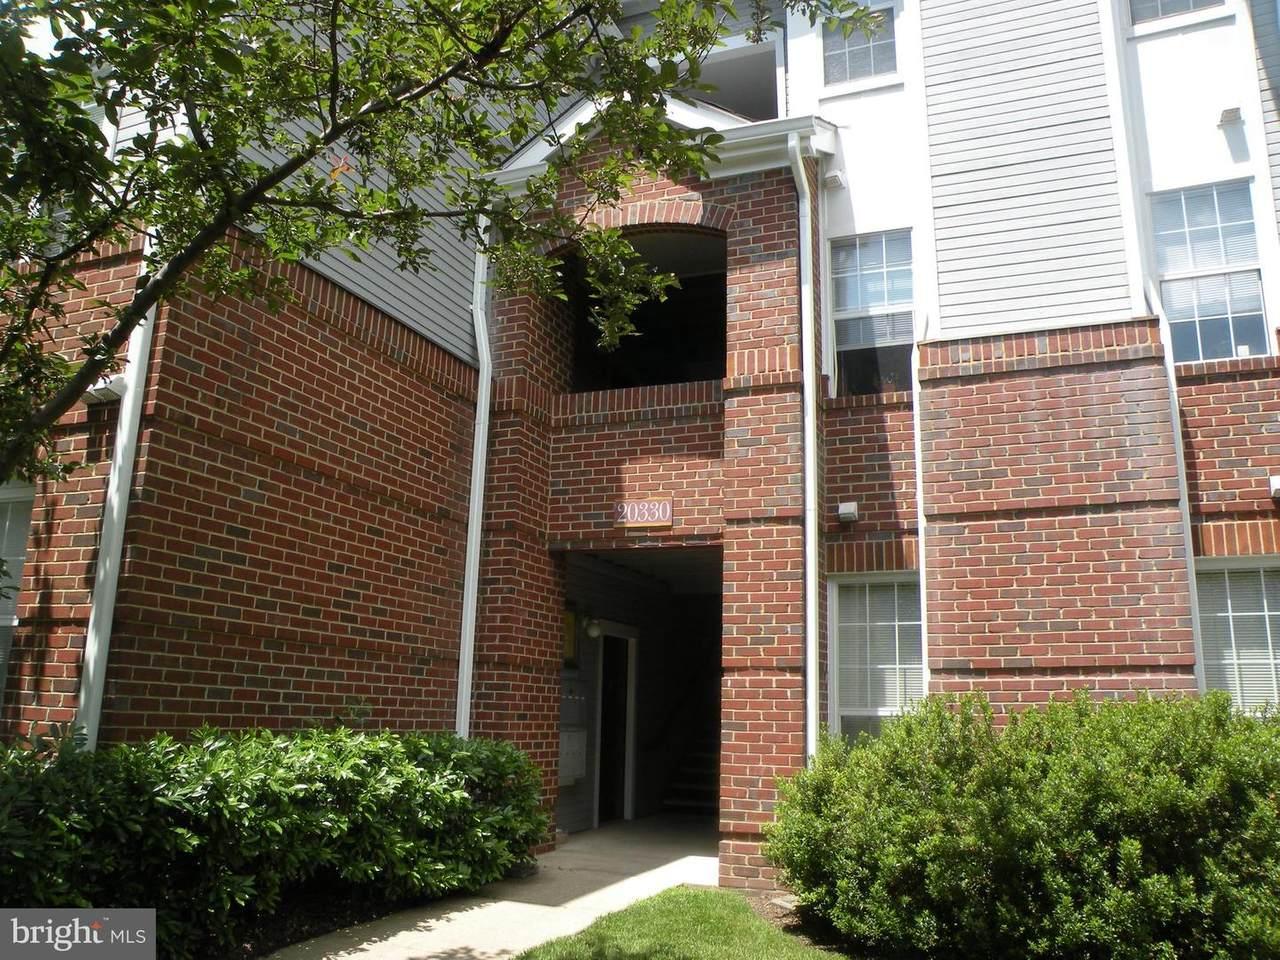 20330 Beechwood Terrace - Photo 1